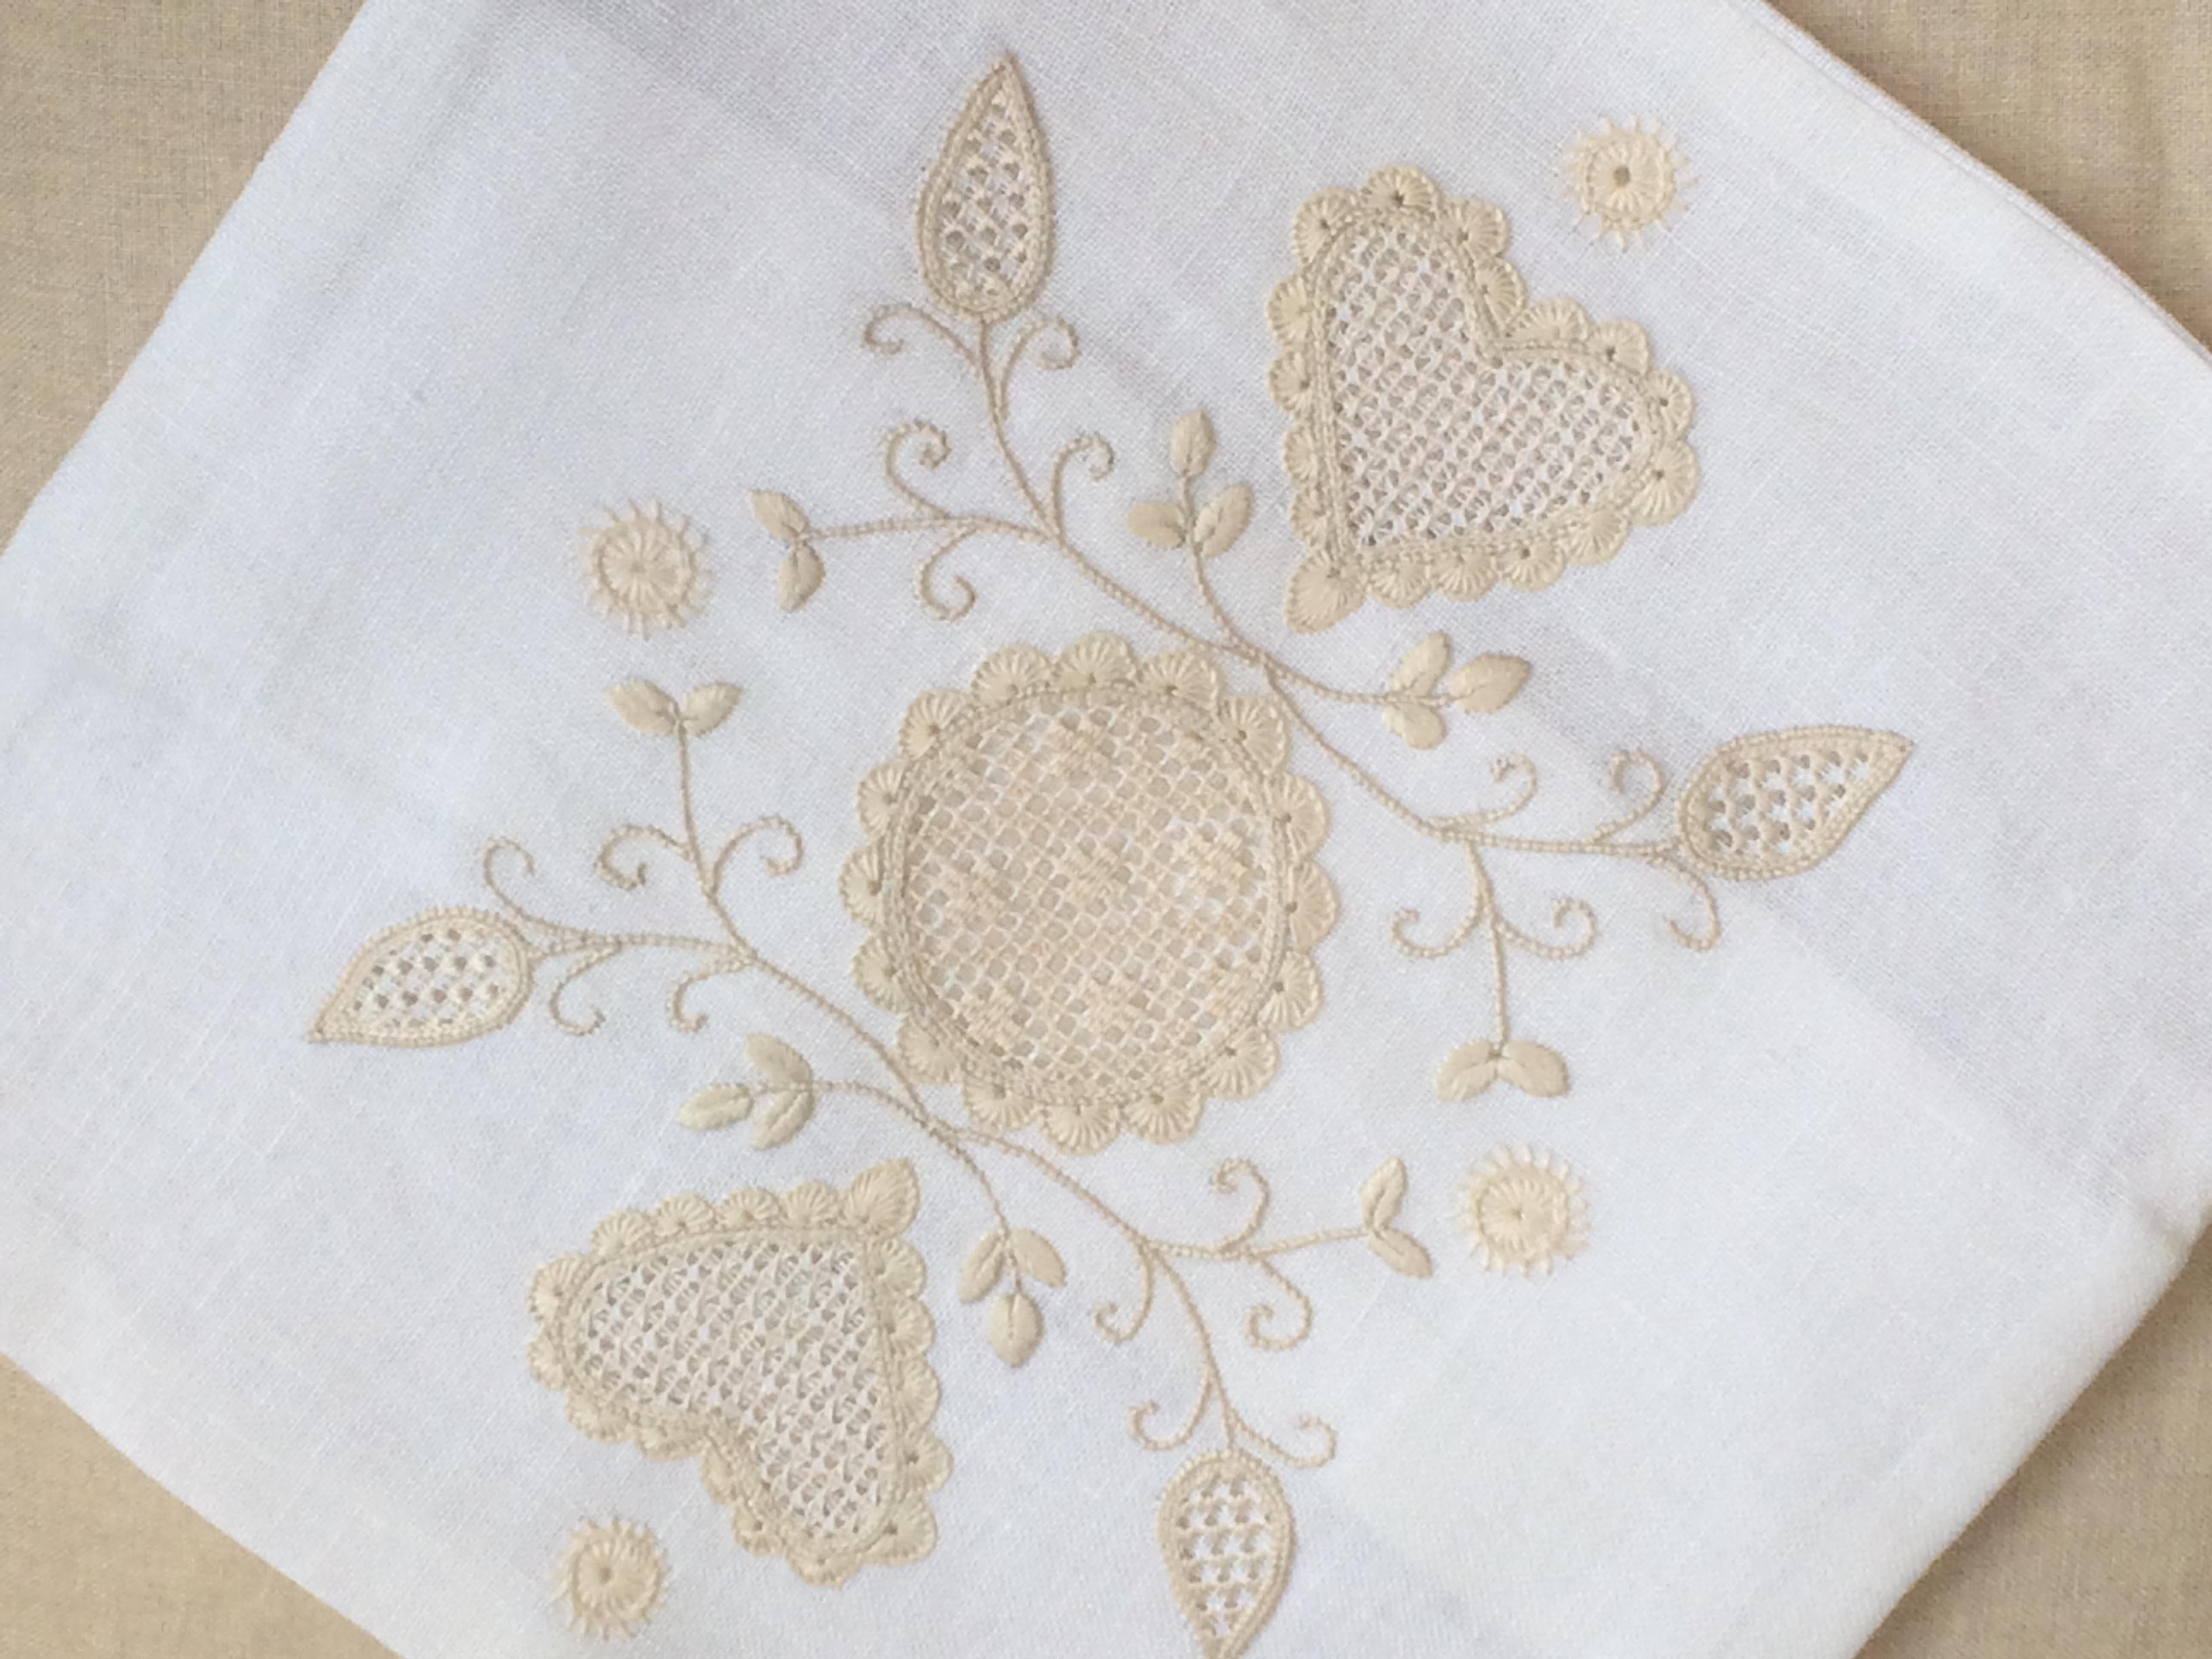 シュヴァルム刺繍のクッションカバー